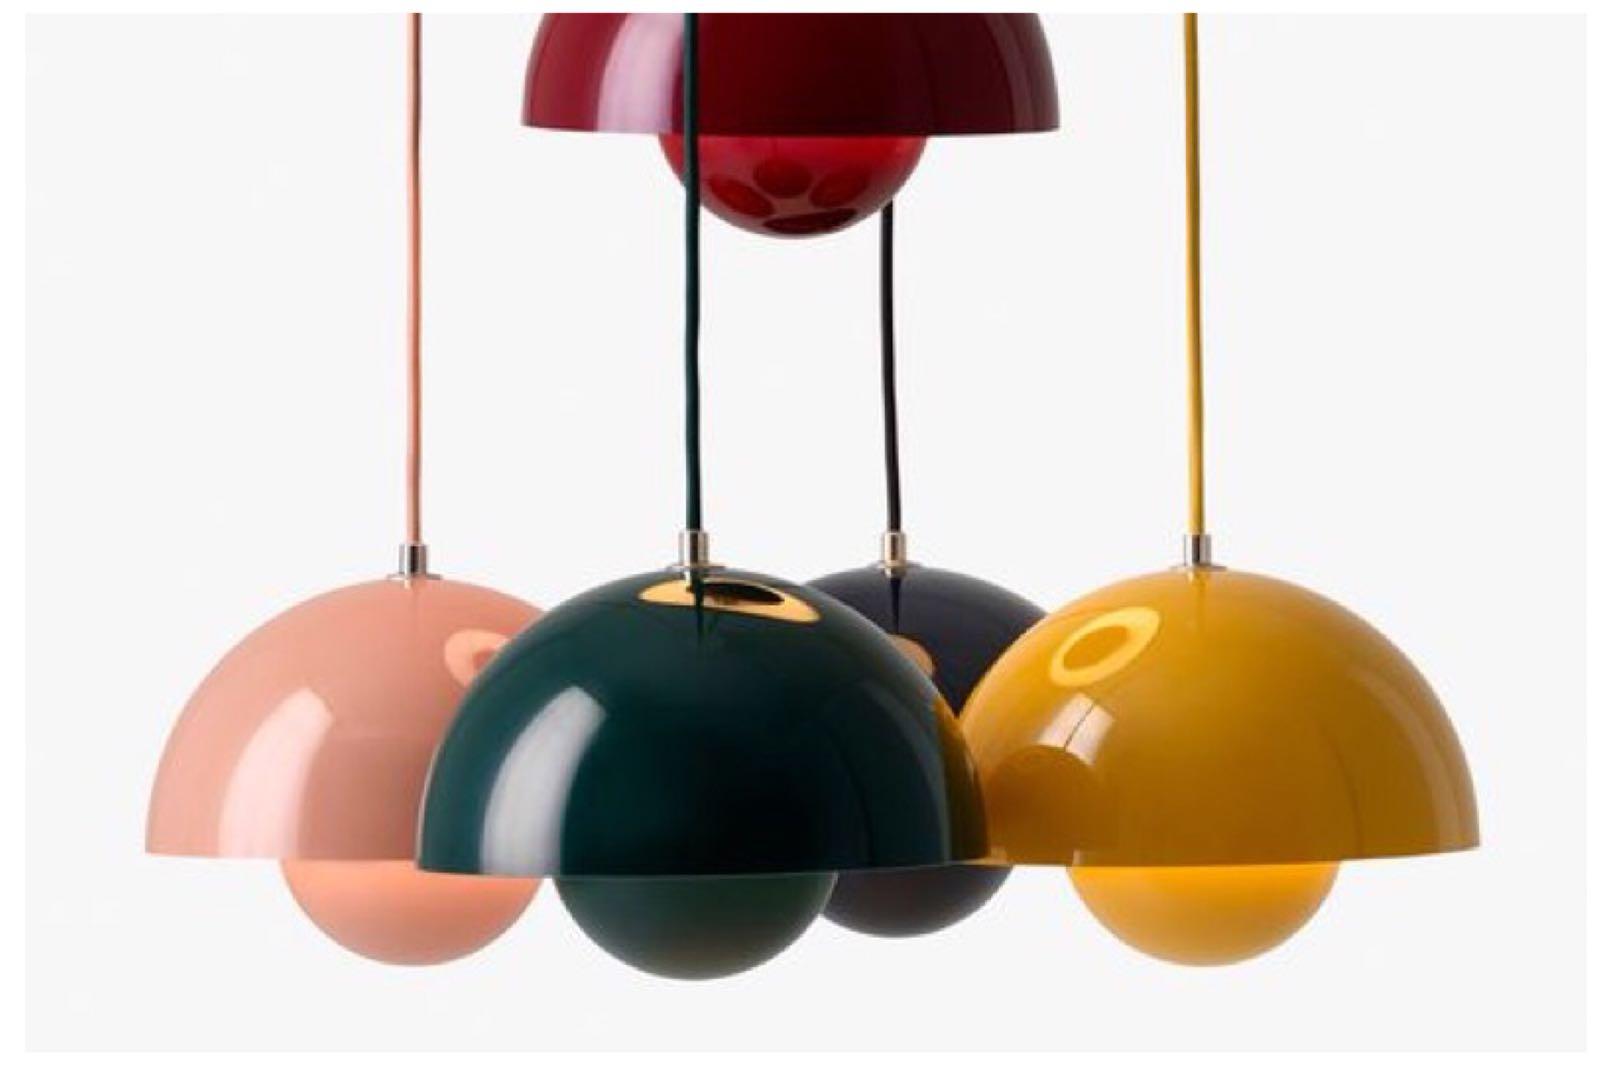 Plafoniere Da Soffitto Vintage : Lampadari vintage: il design del passato quello sbagliato: vintage